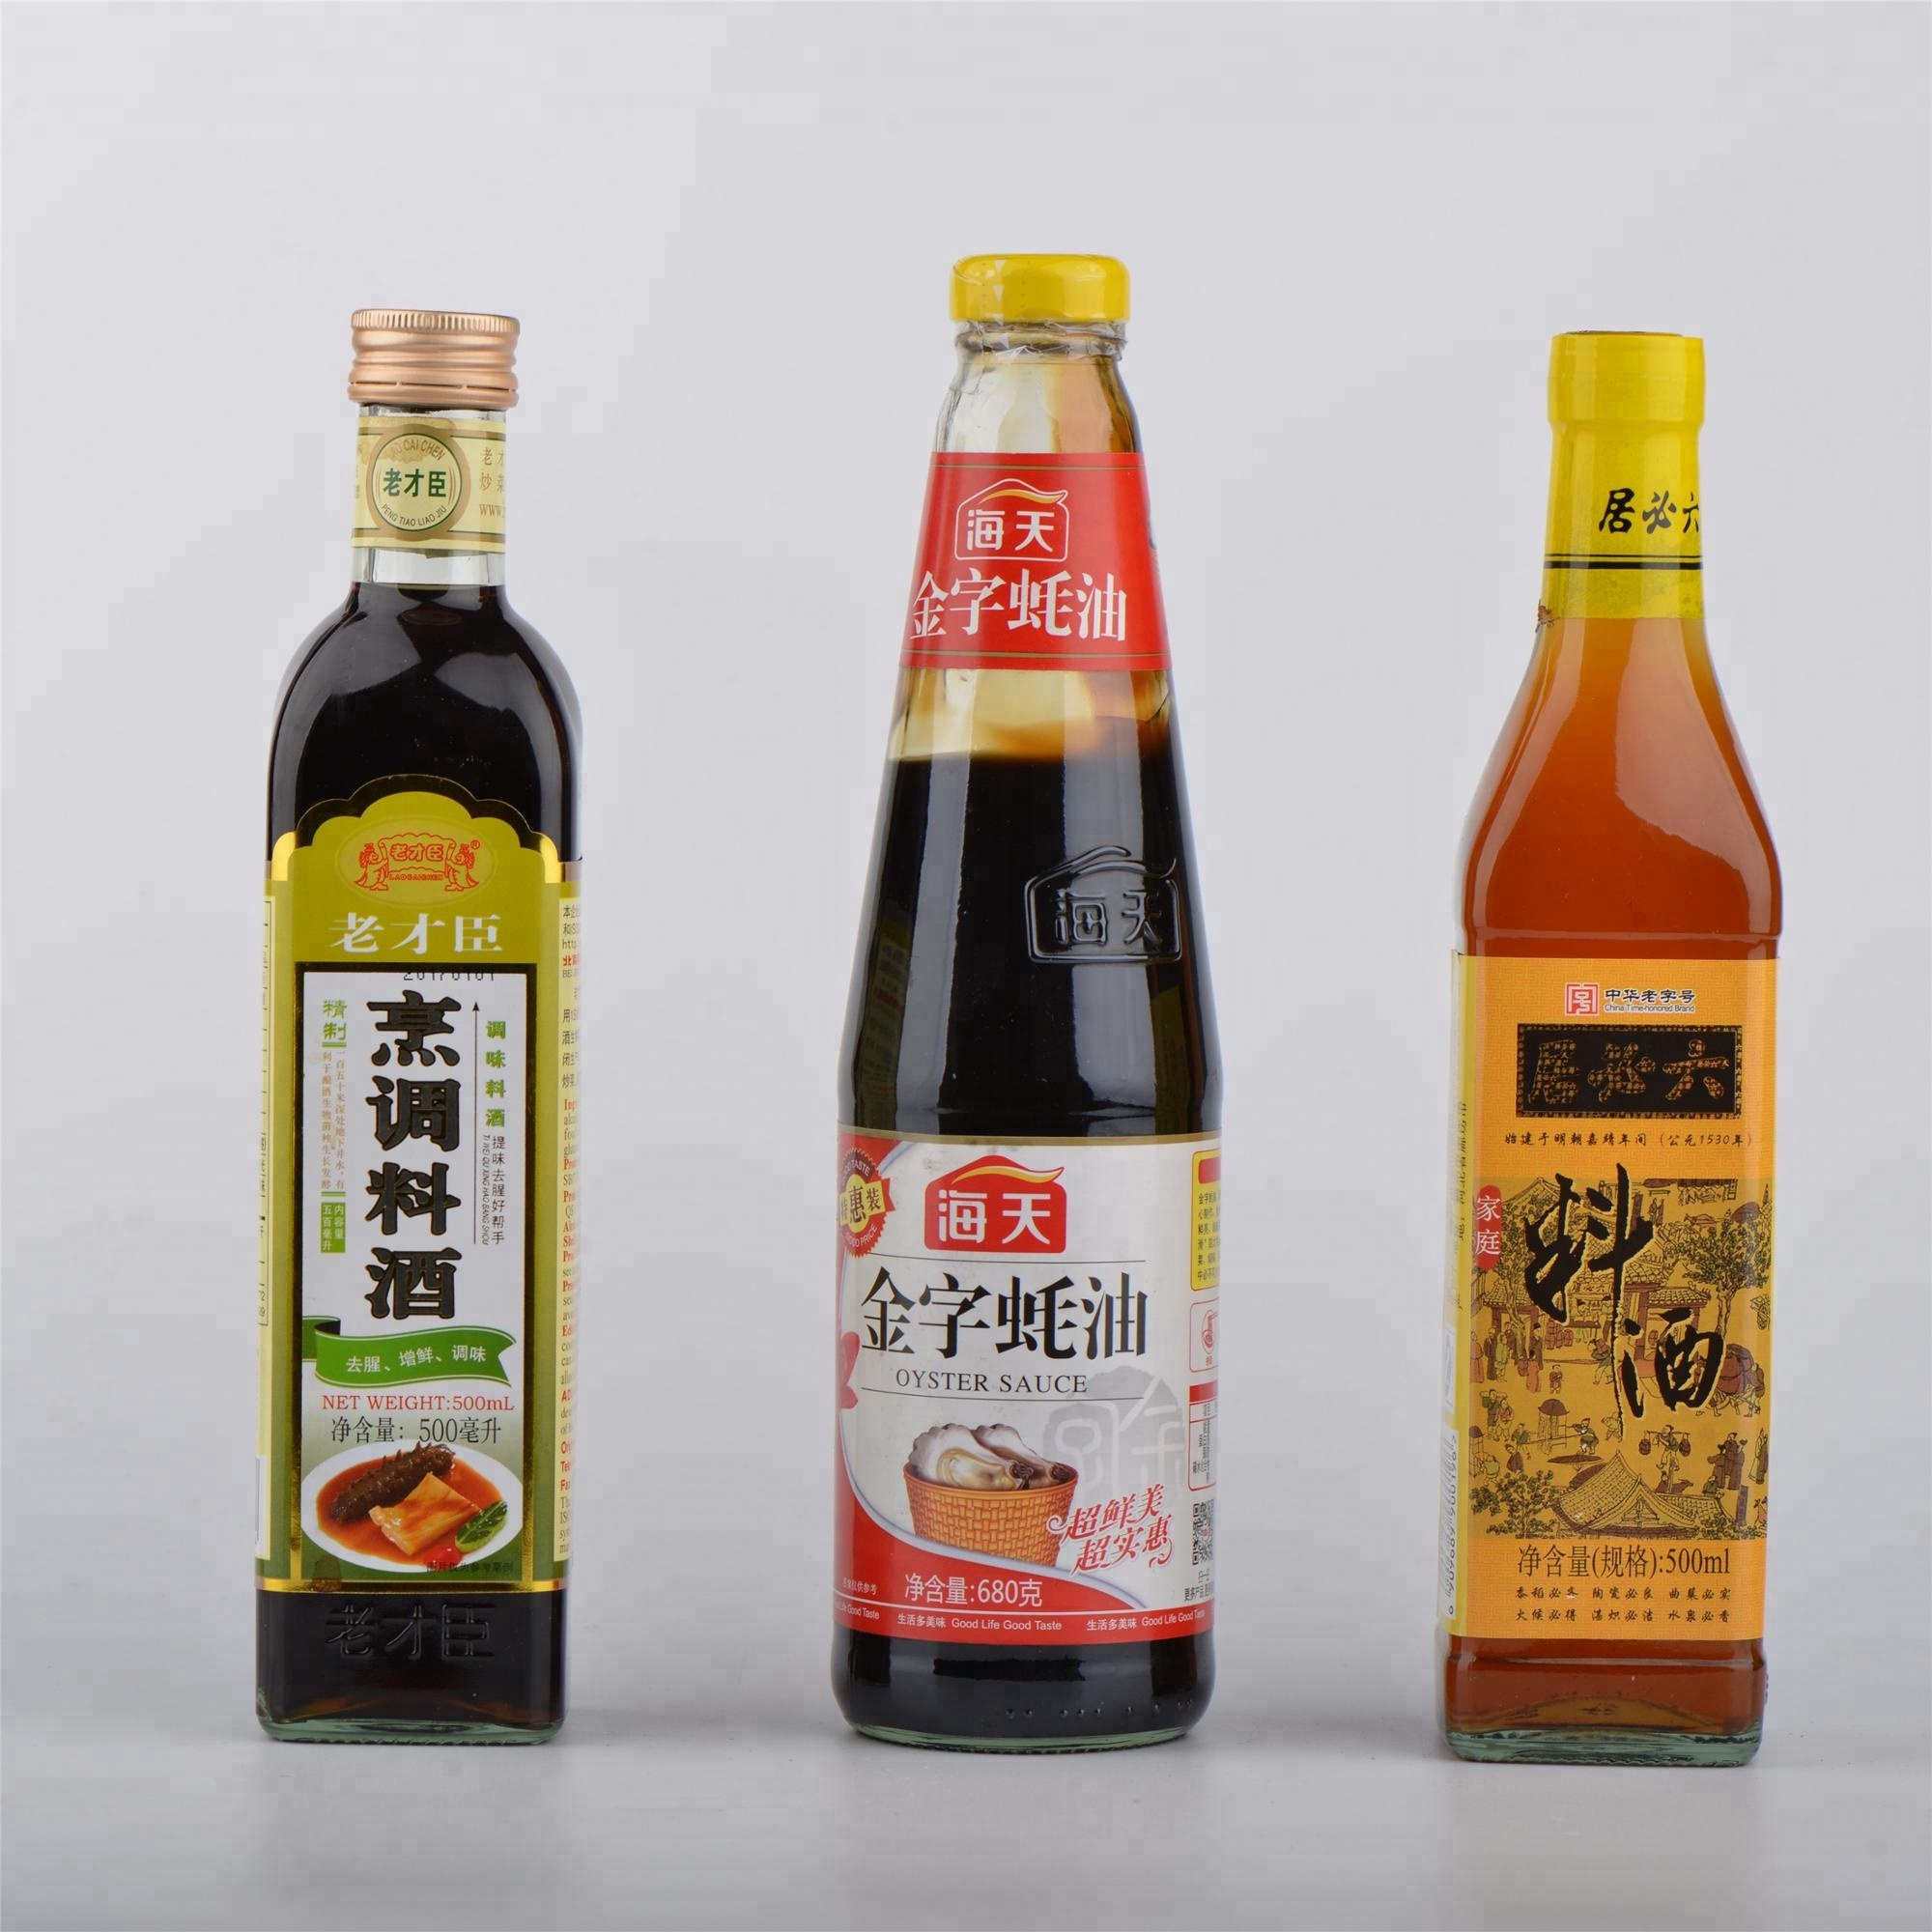 Custom self adhesive sauce labels printing bottle label waterproof adhesive food stickers buy sauce labelsadhesive food stickersprinting bottle